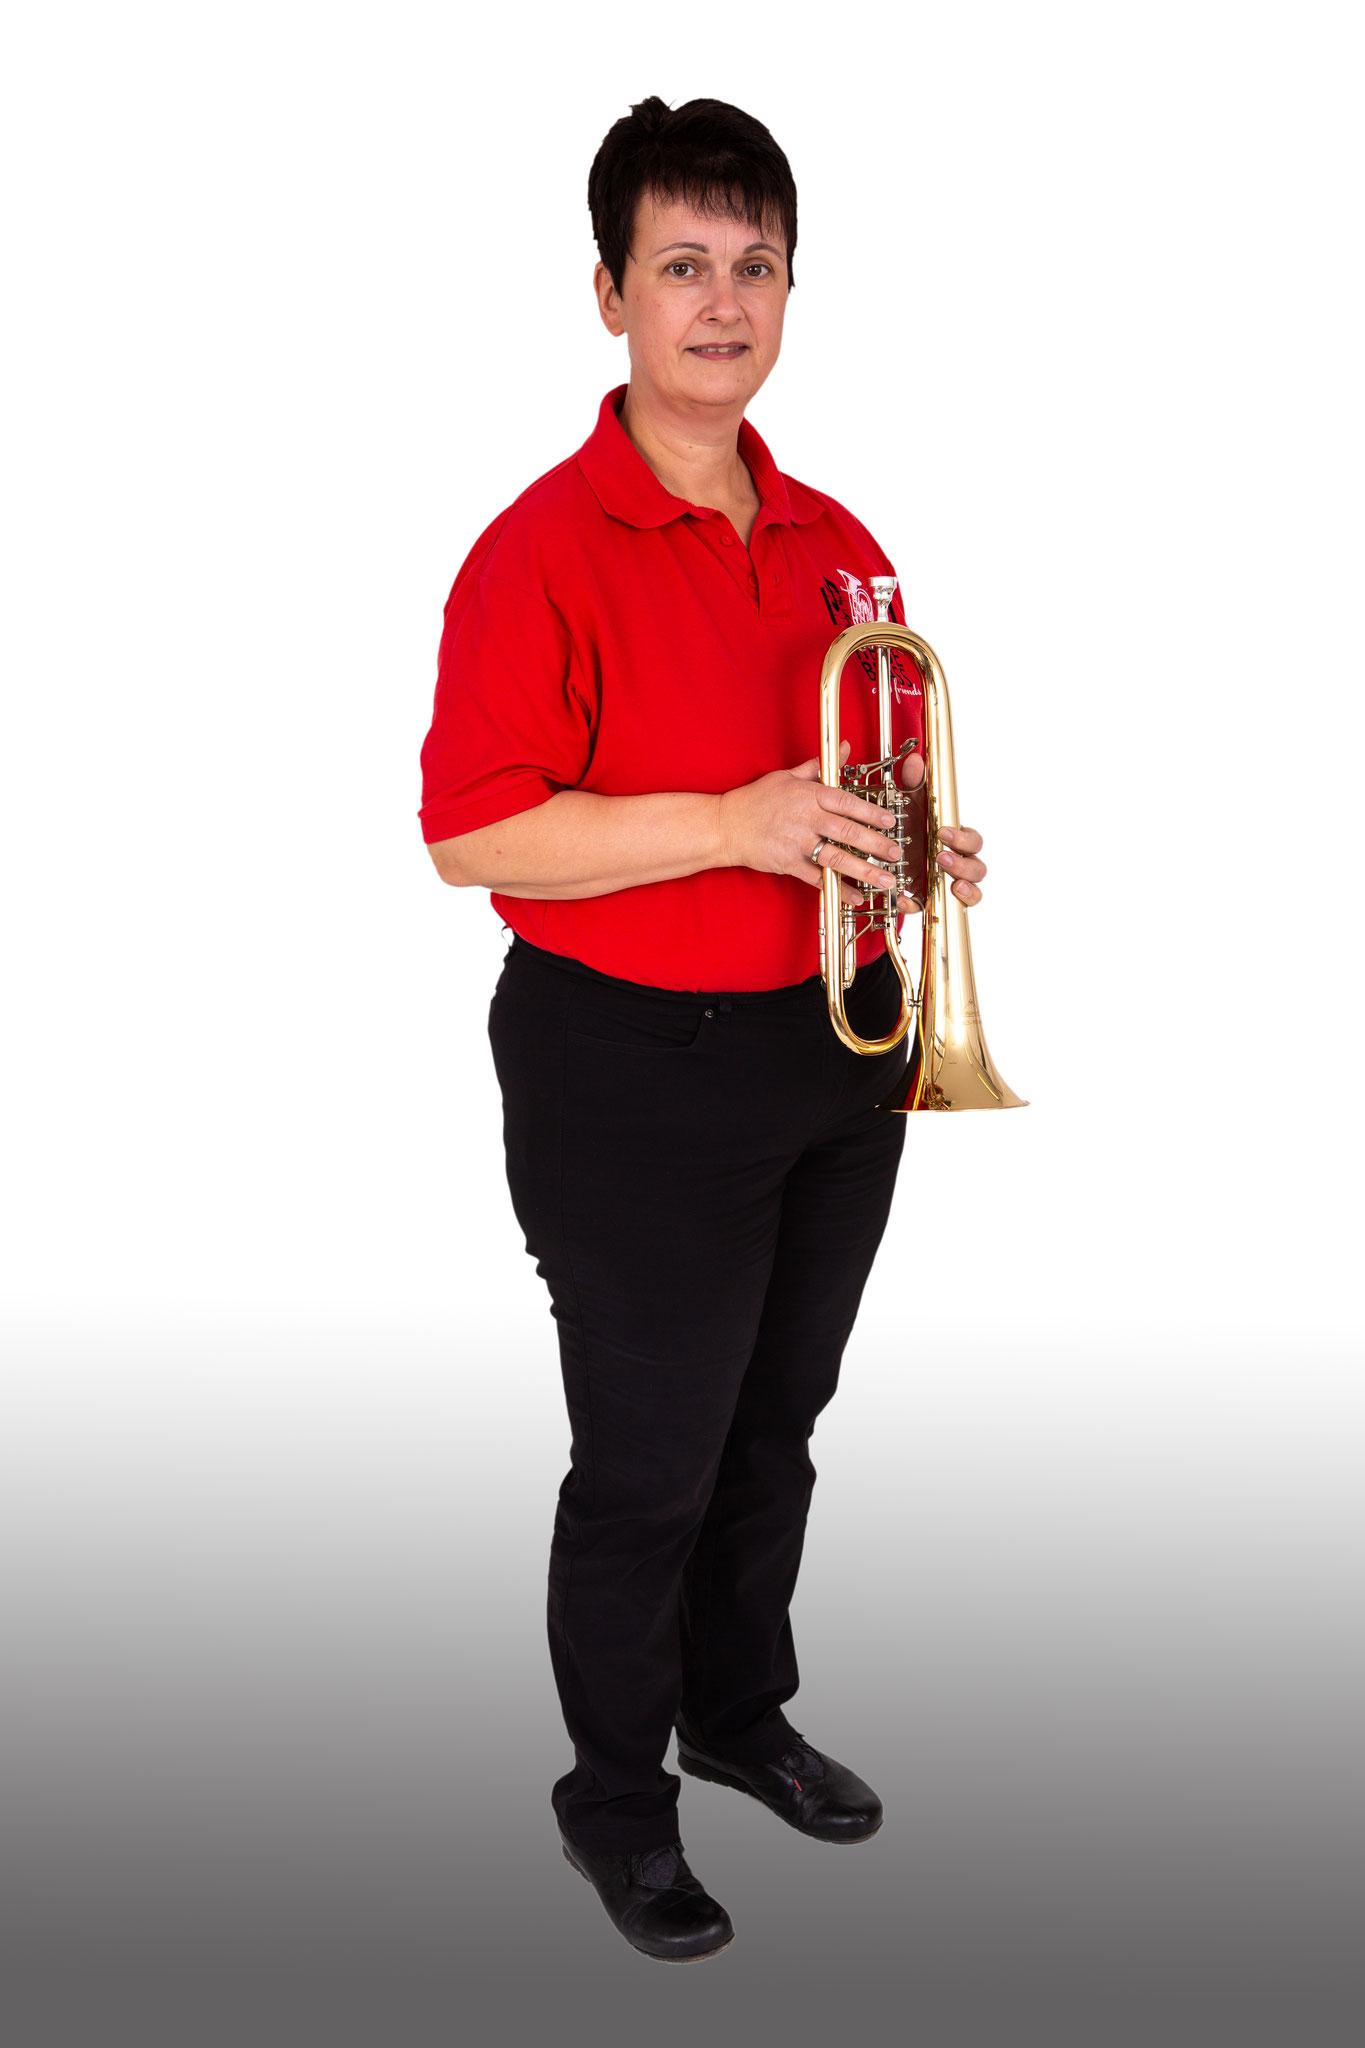 Liane Schröder